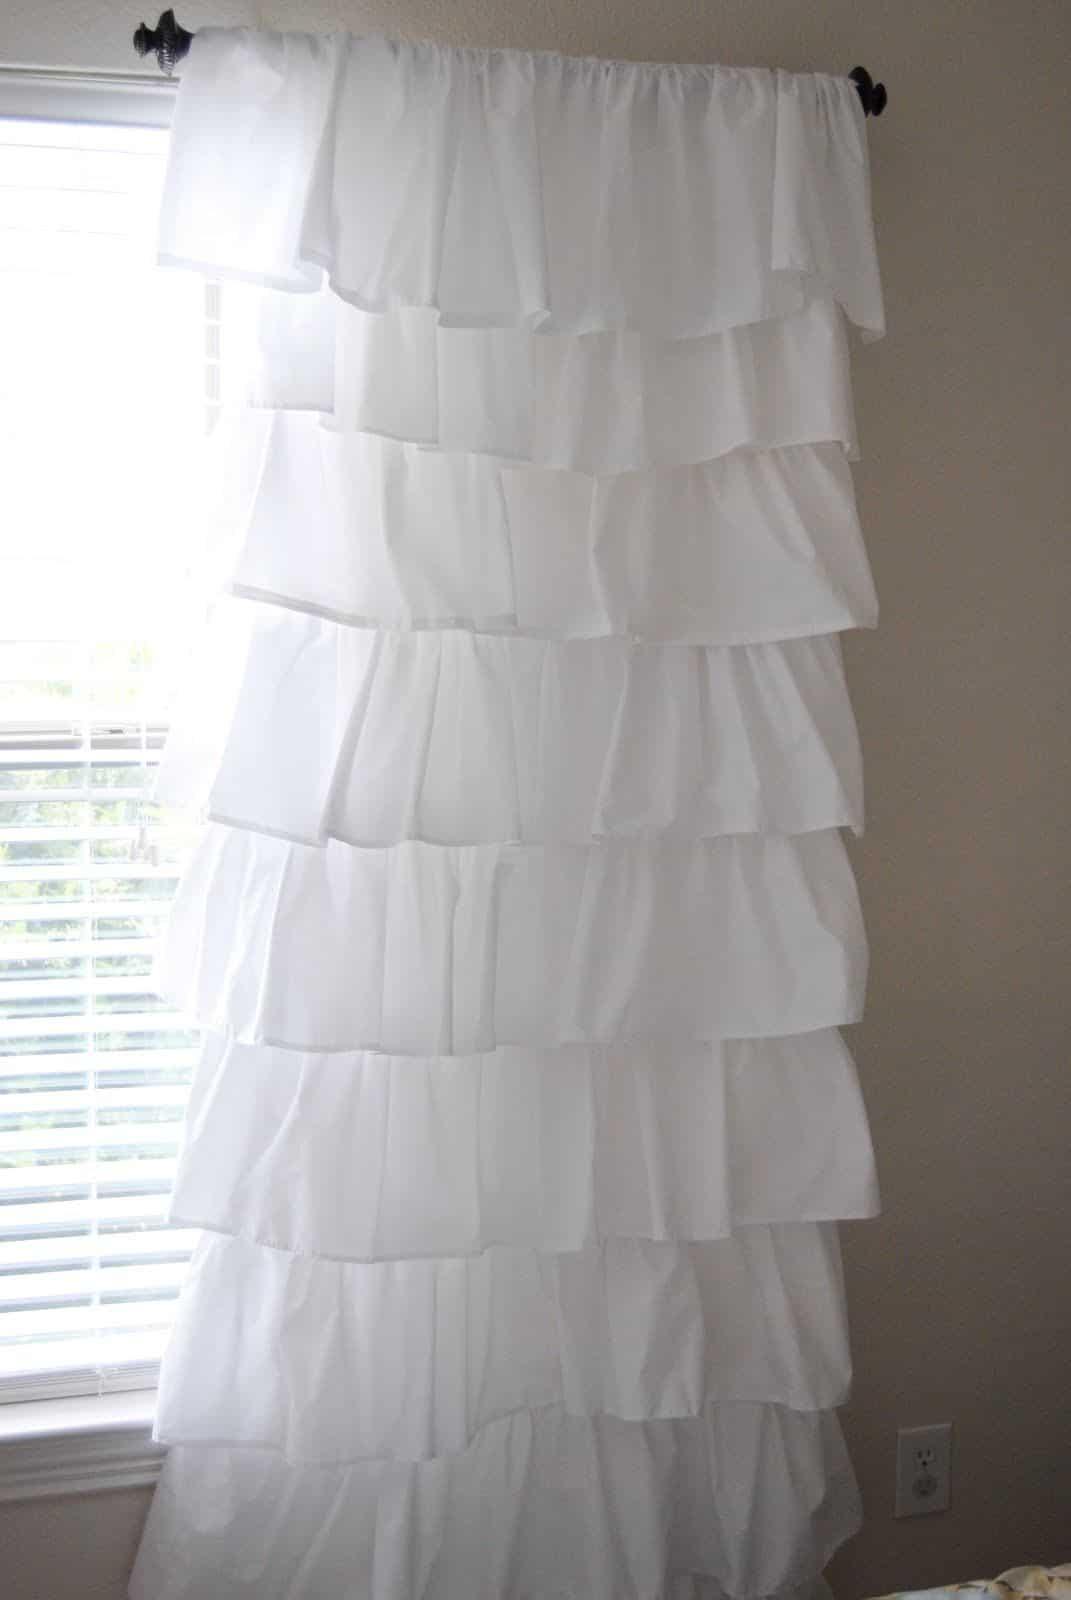 Bricolage blanc rideaux à volants